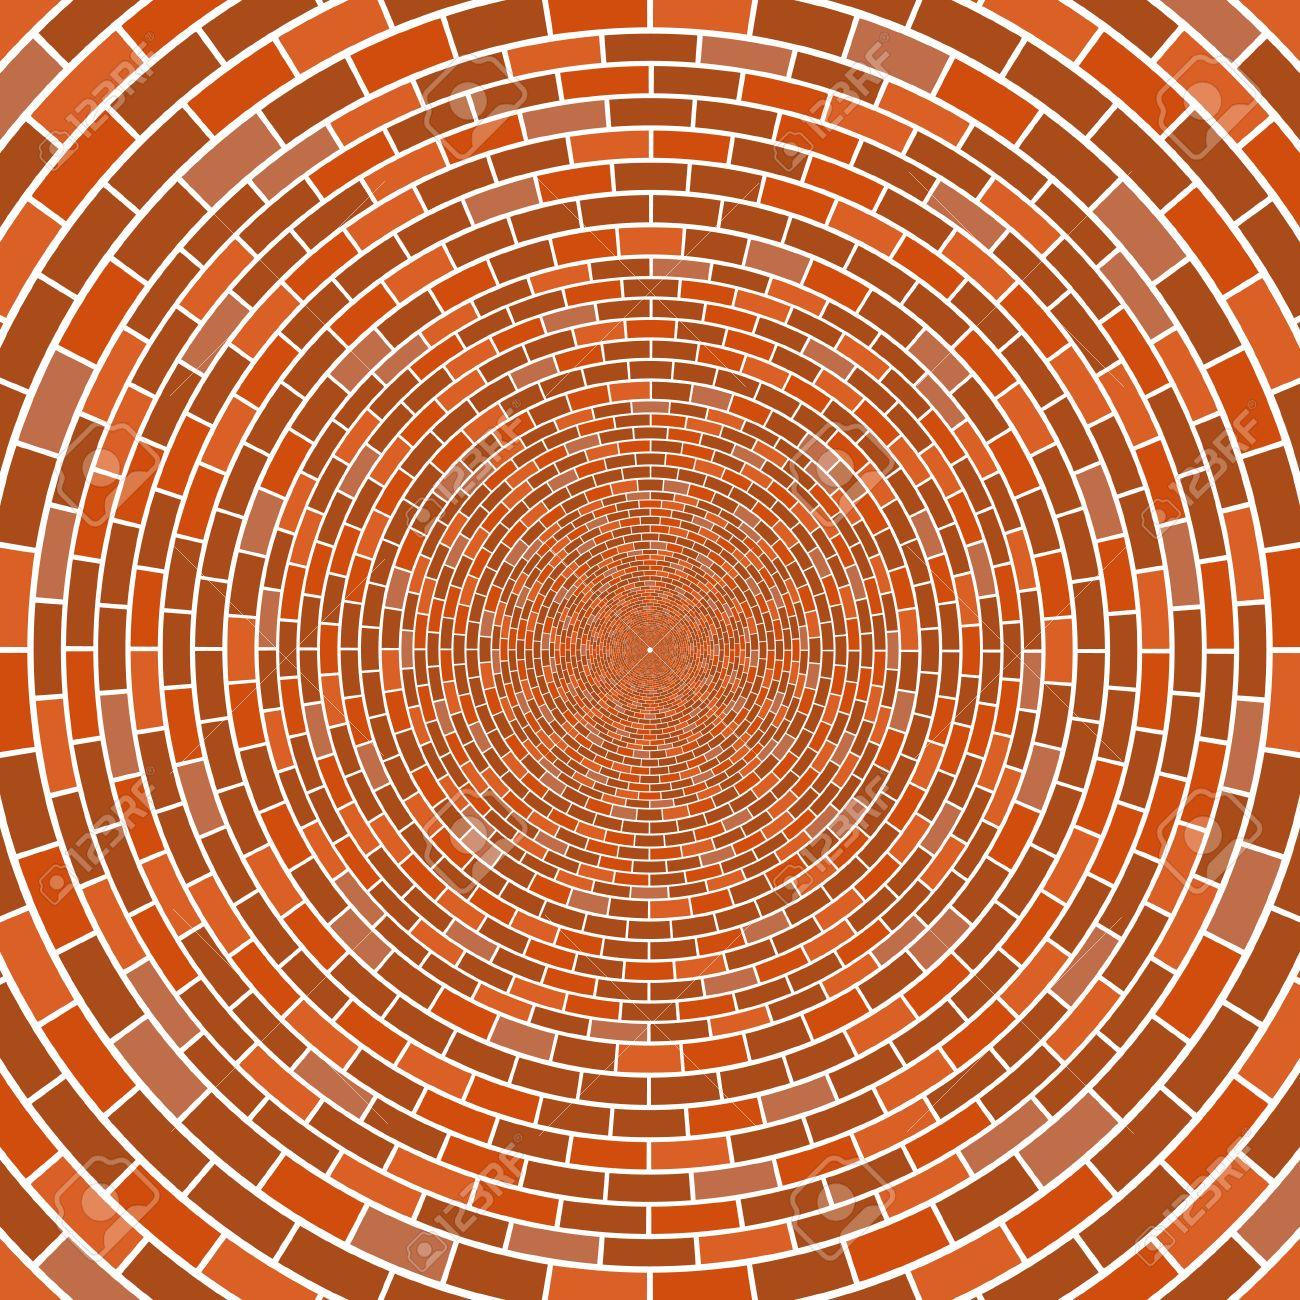 Resume Cercle De Mur De Brique Architecturale Illusion D Optique